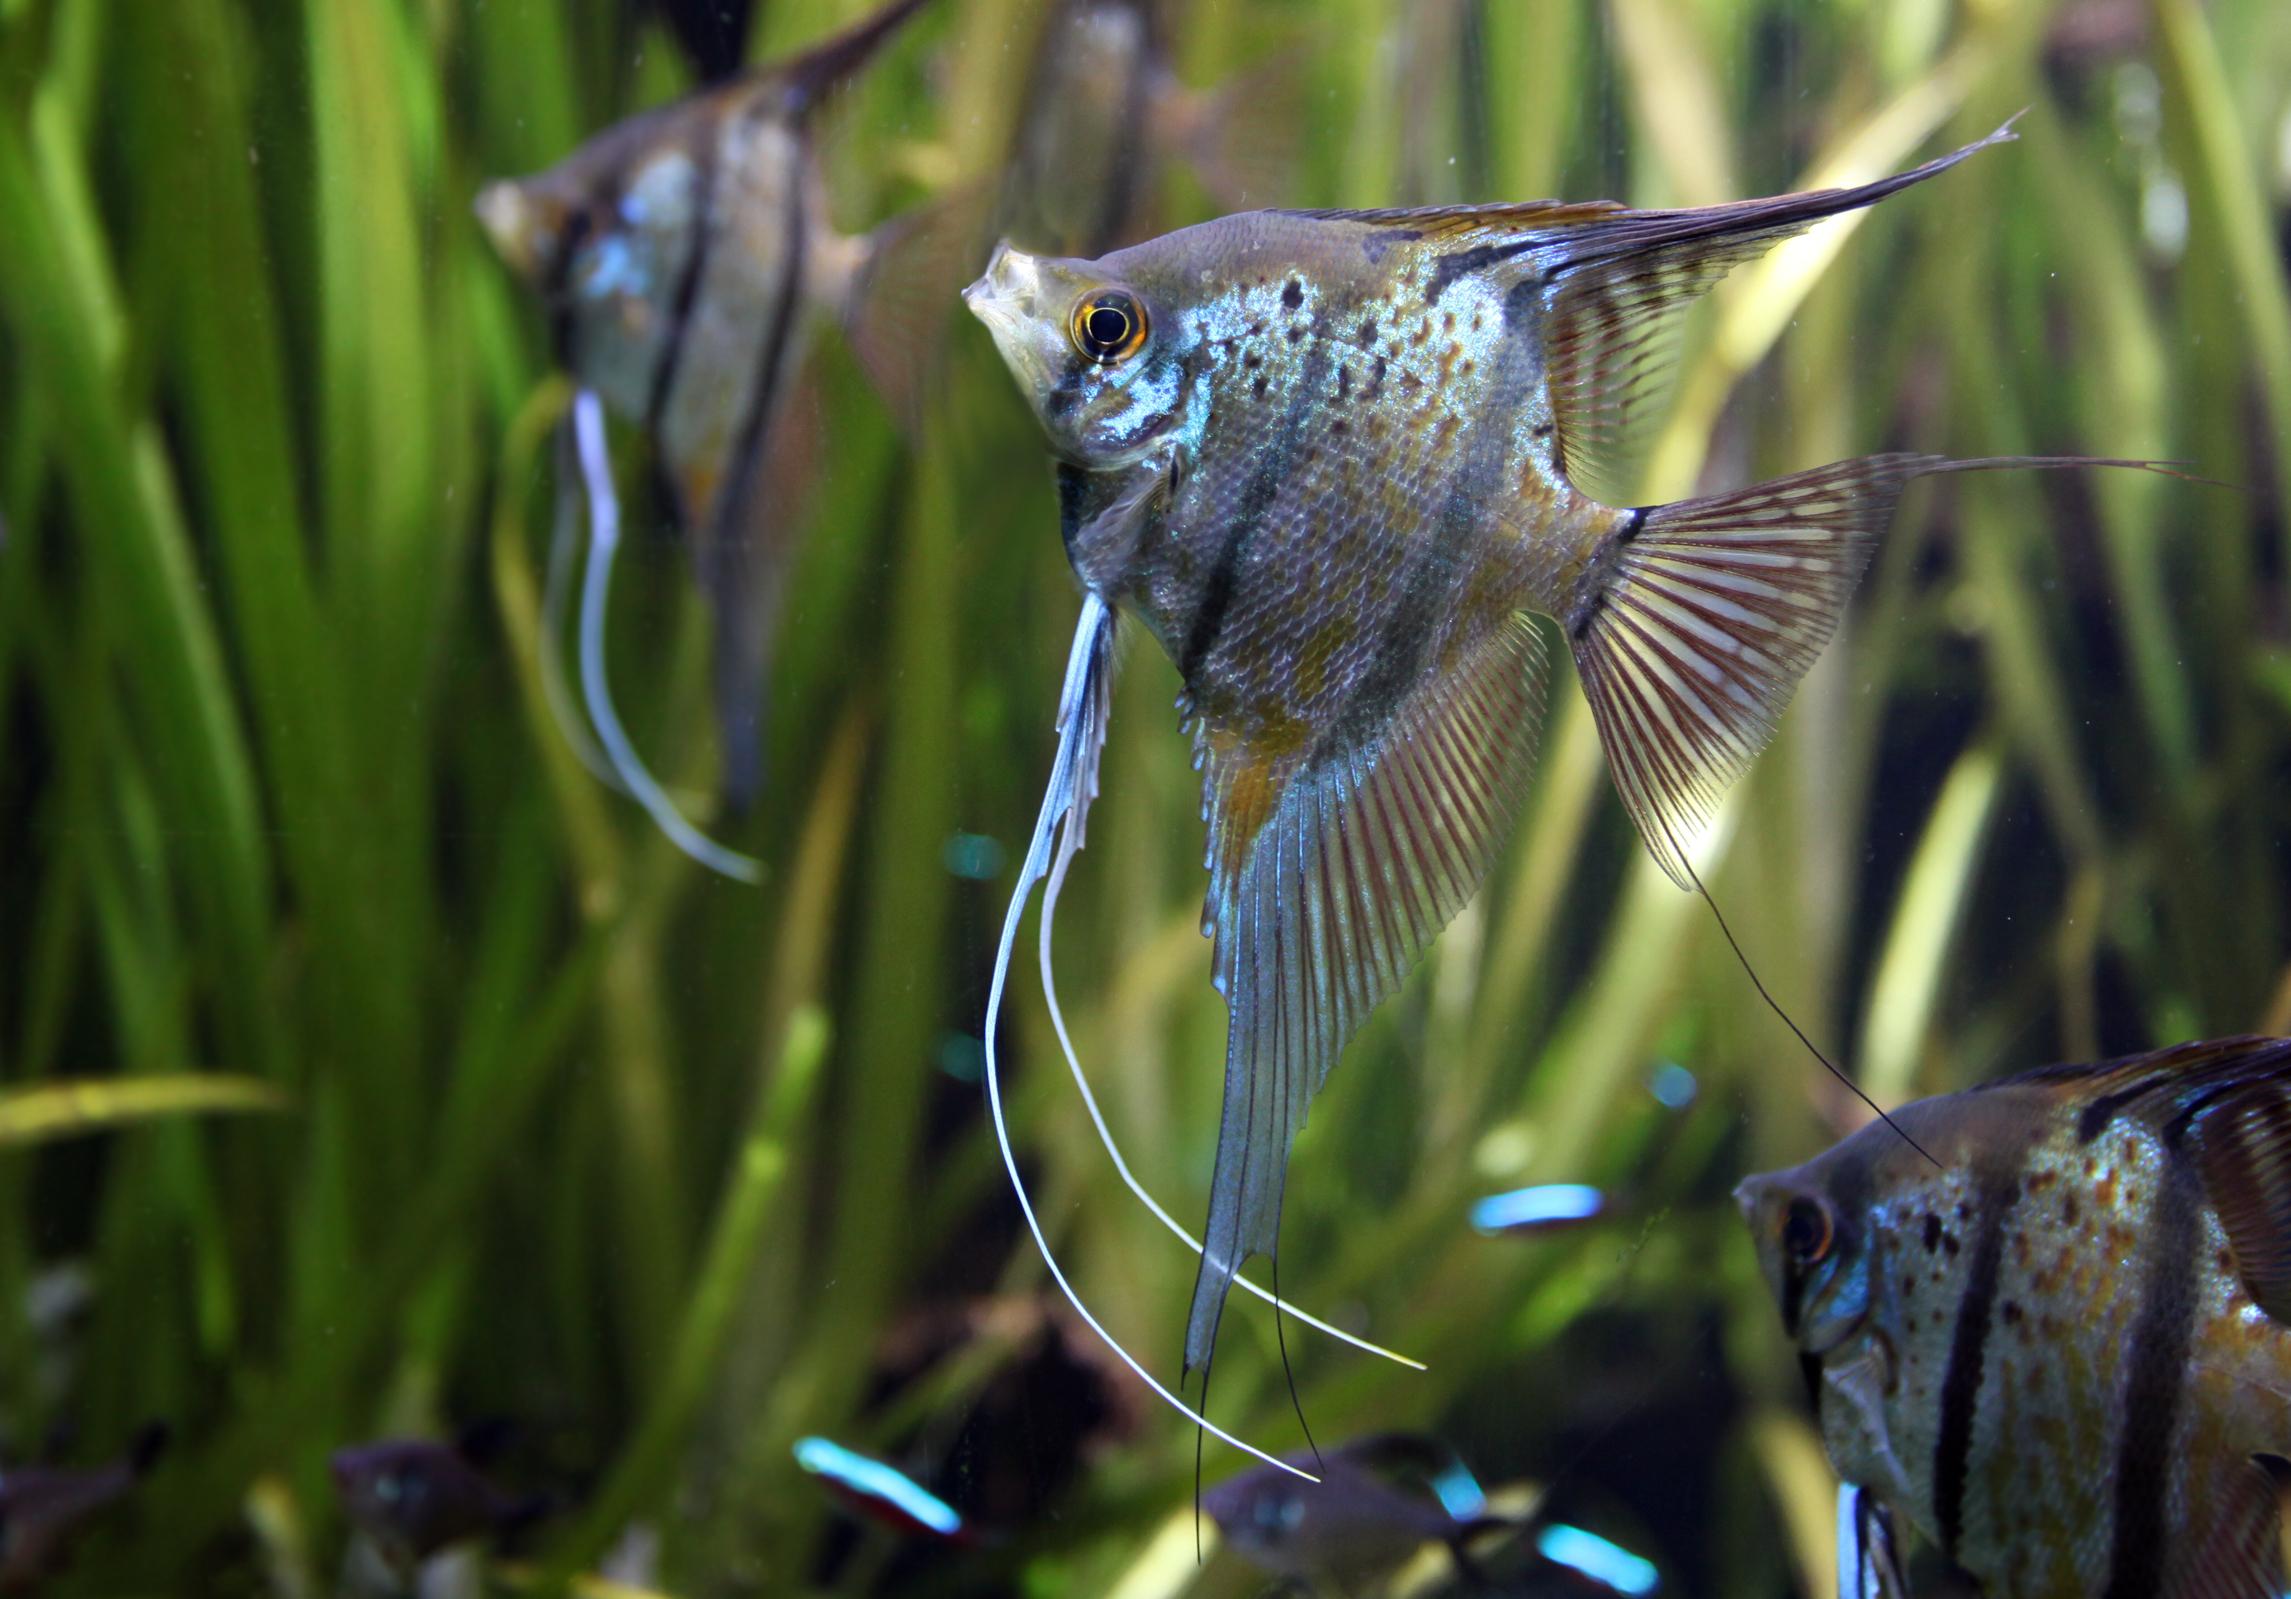 【研究】熱帯魚の『エンゼルフィッシュ』、水換えで攻撃的になることが明らかに 一度に大量の水換えはダメ